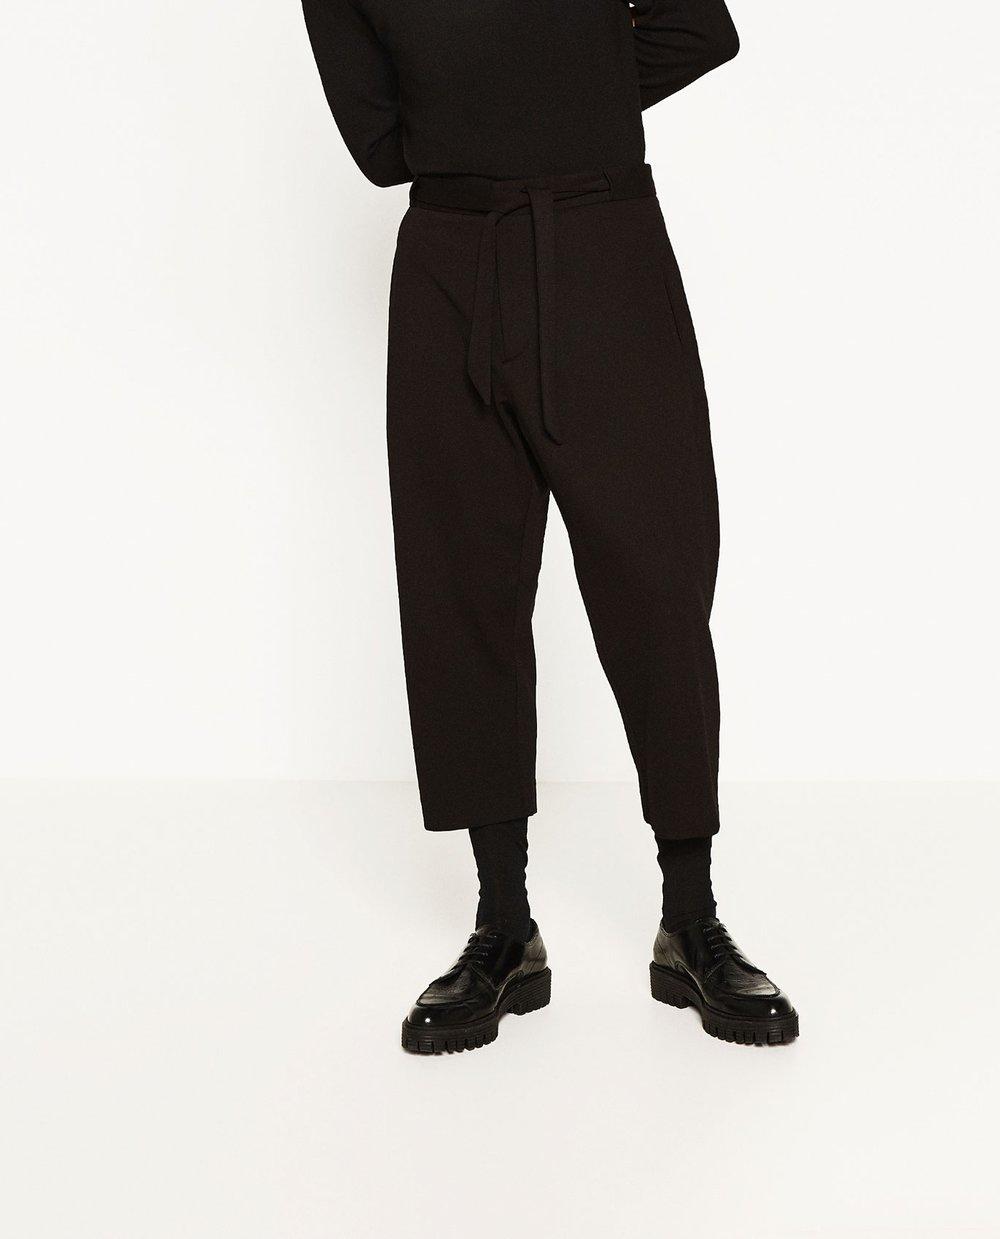 Zara $79.90